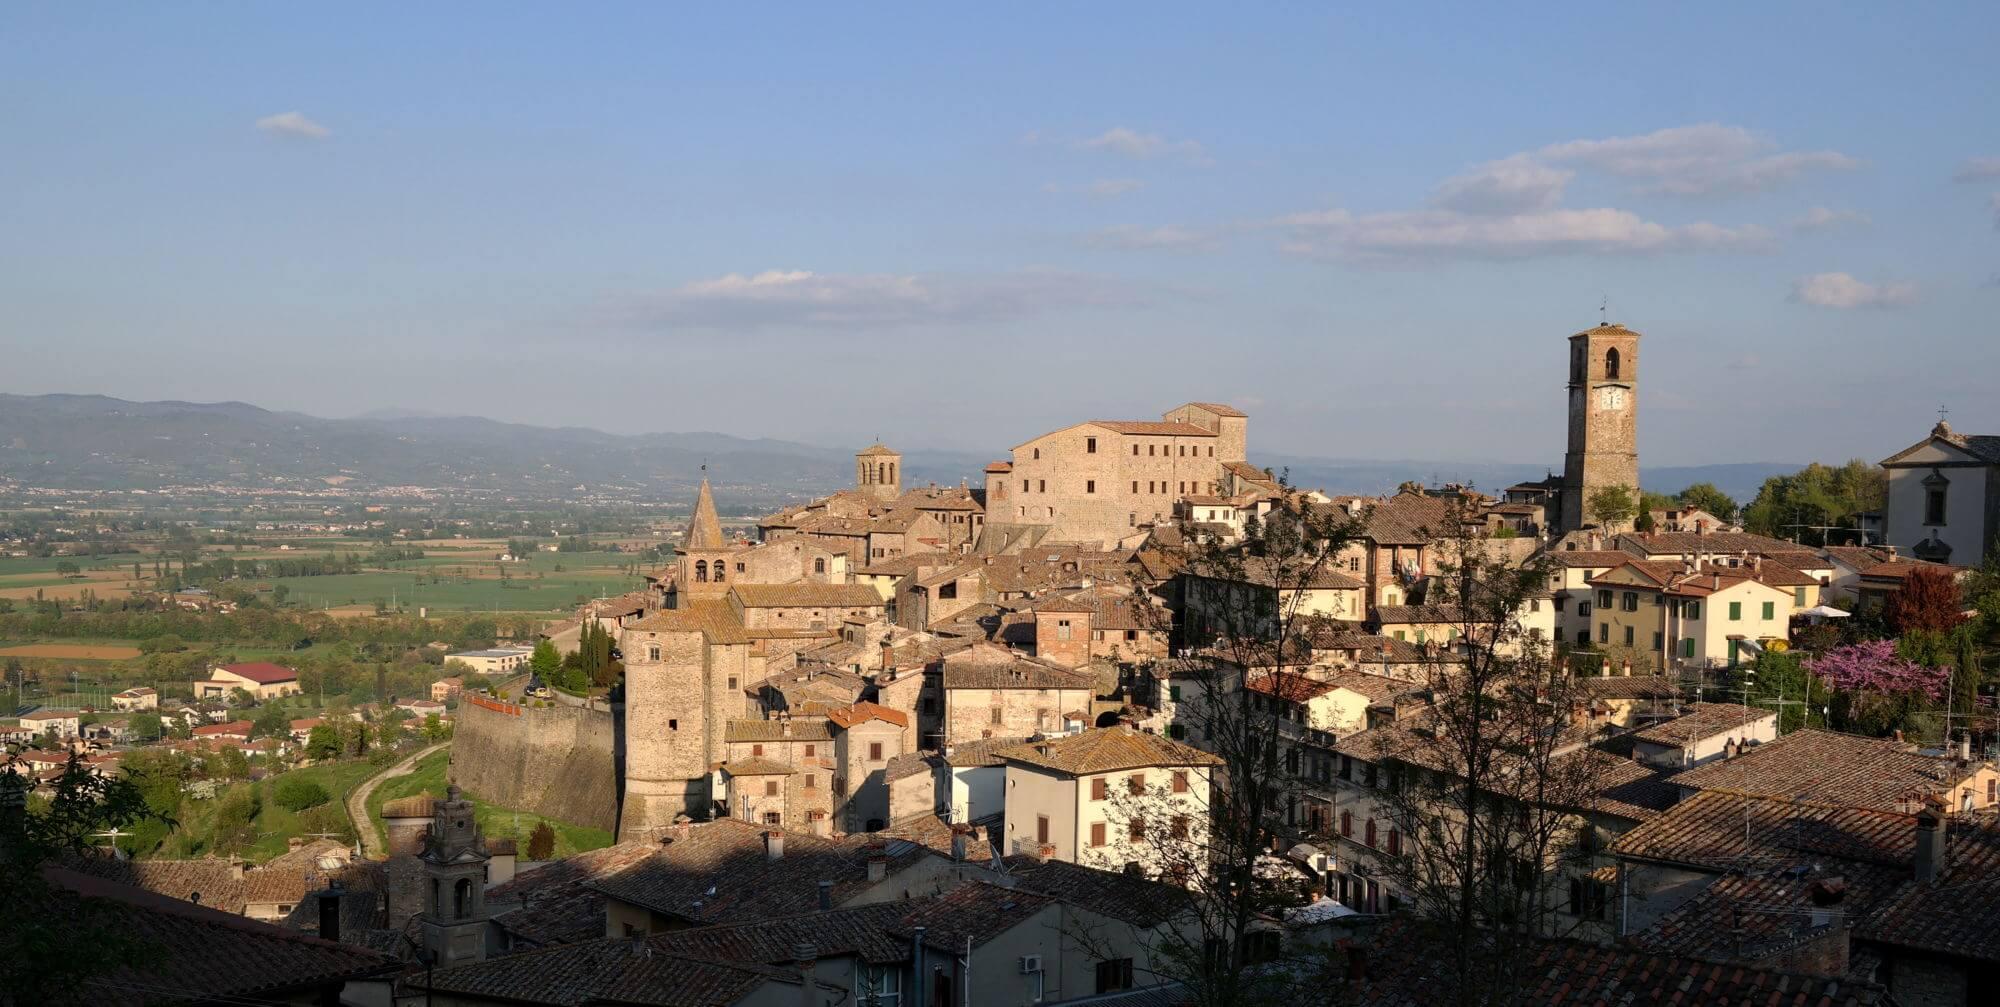 Urbanistica in Toscana, assegnati 4 milioni per la rigenerazione urbana